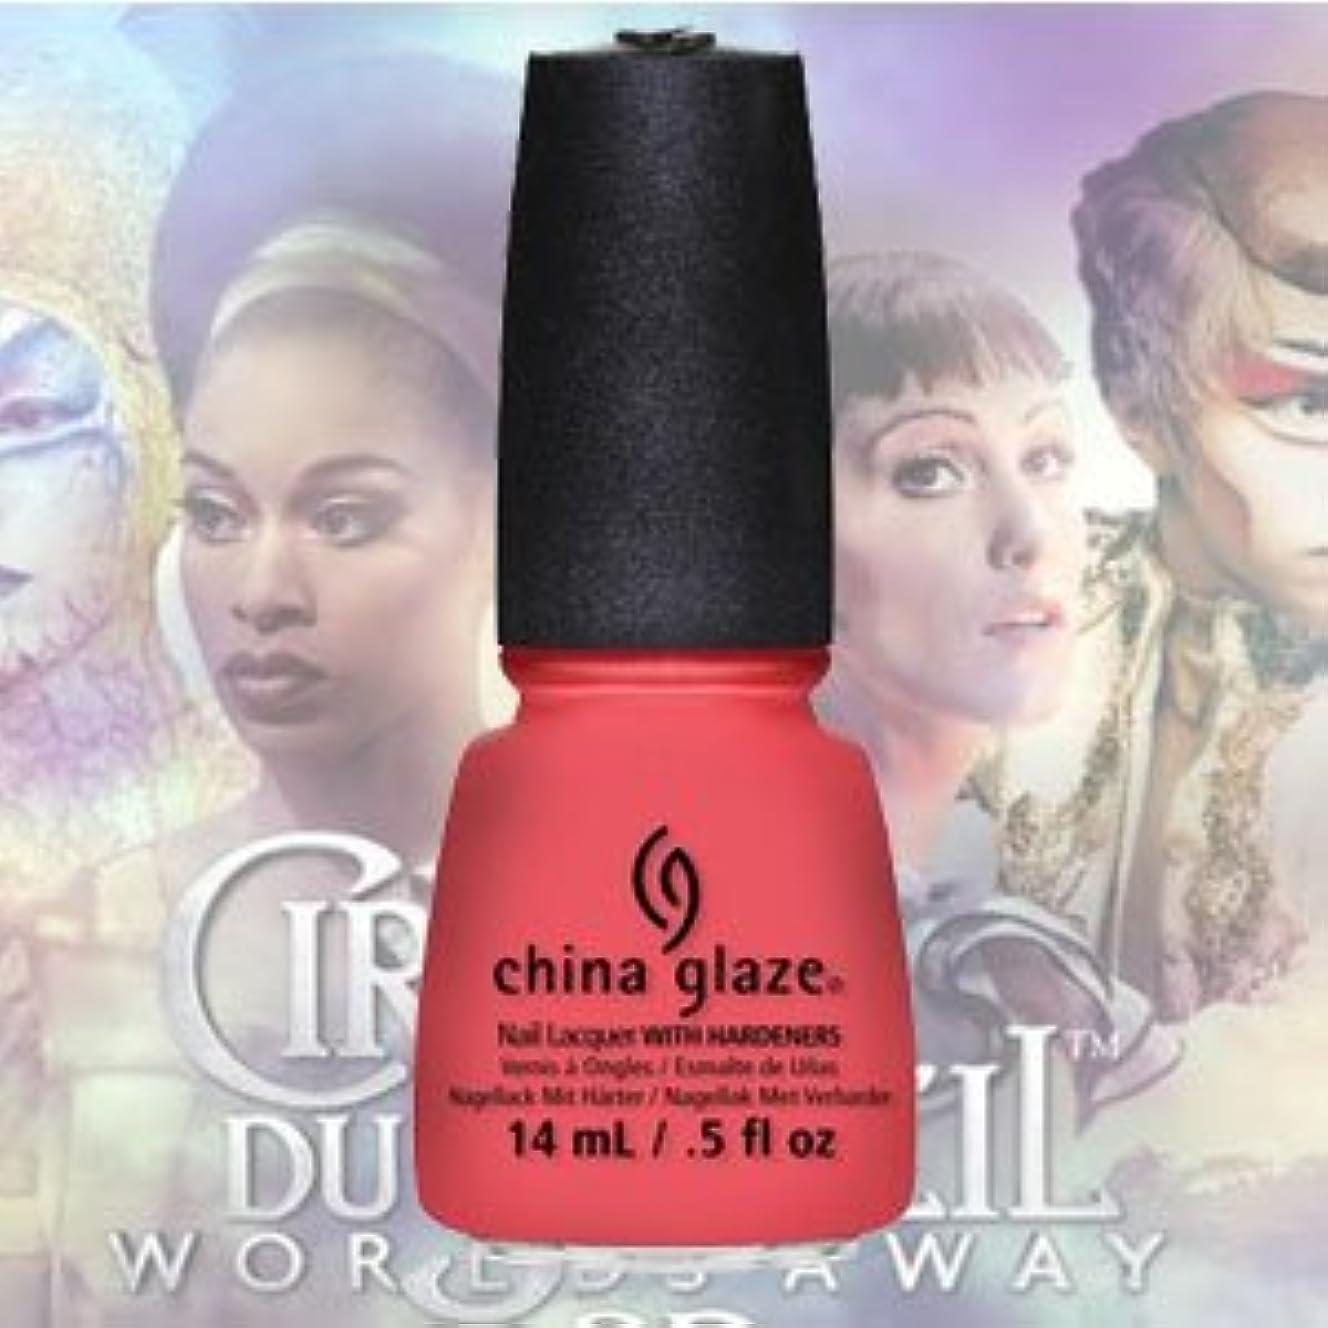 外向きの量悲惨(チャイナグレイズ)China Glaze Surreal AppealーCirque Du Soleil コレクション [海外直送品][並行輸入品]